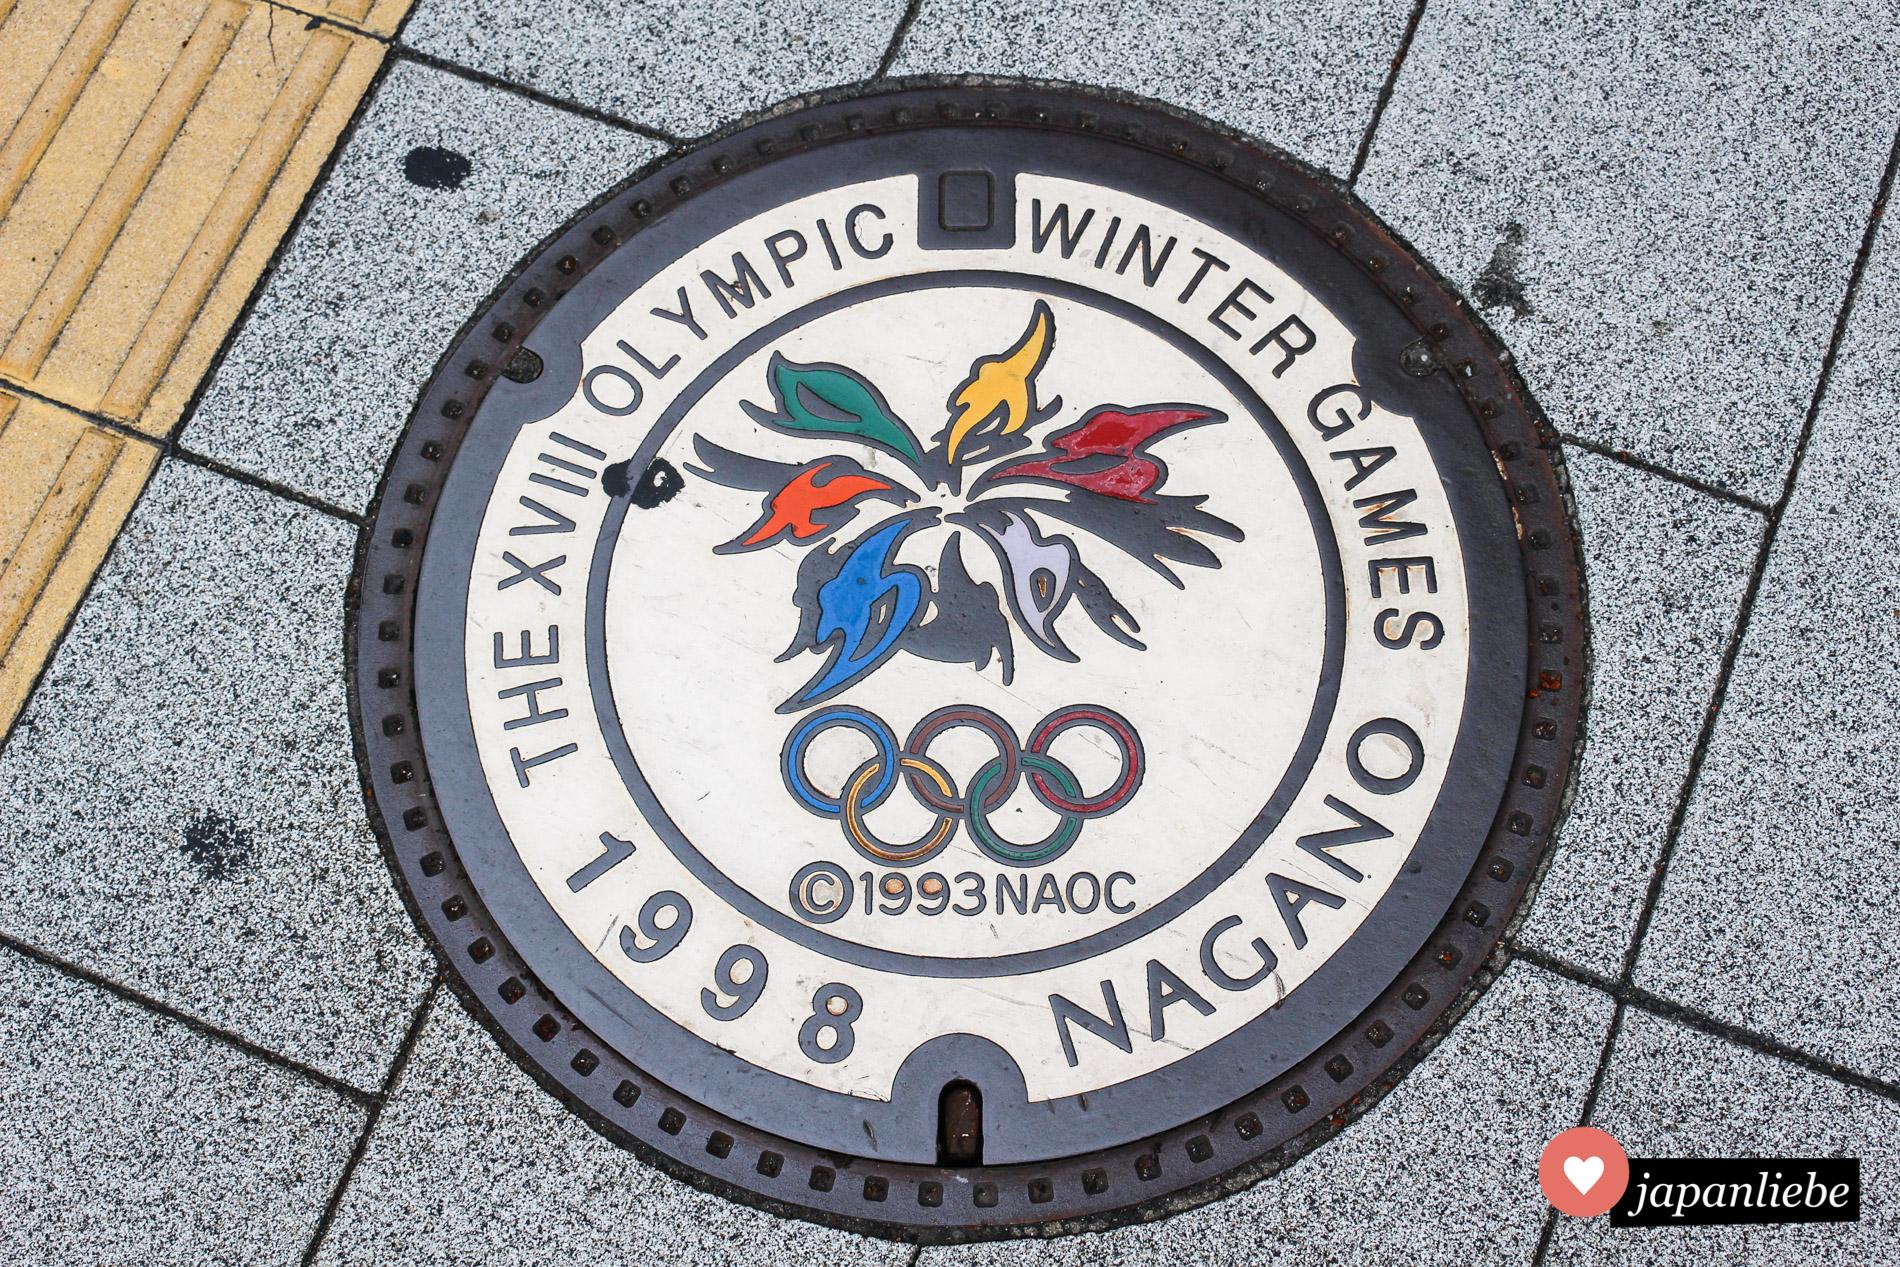 Noch immer erinnern farbige Kanaldeckel an die Olympischen Winterspiele 1998 in Nagano.